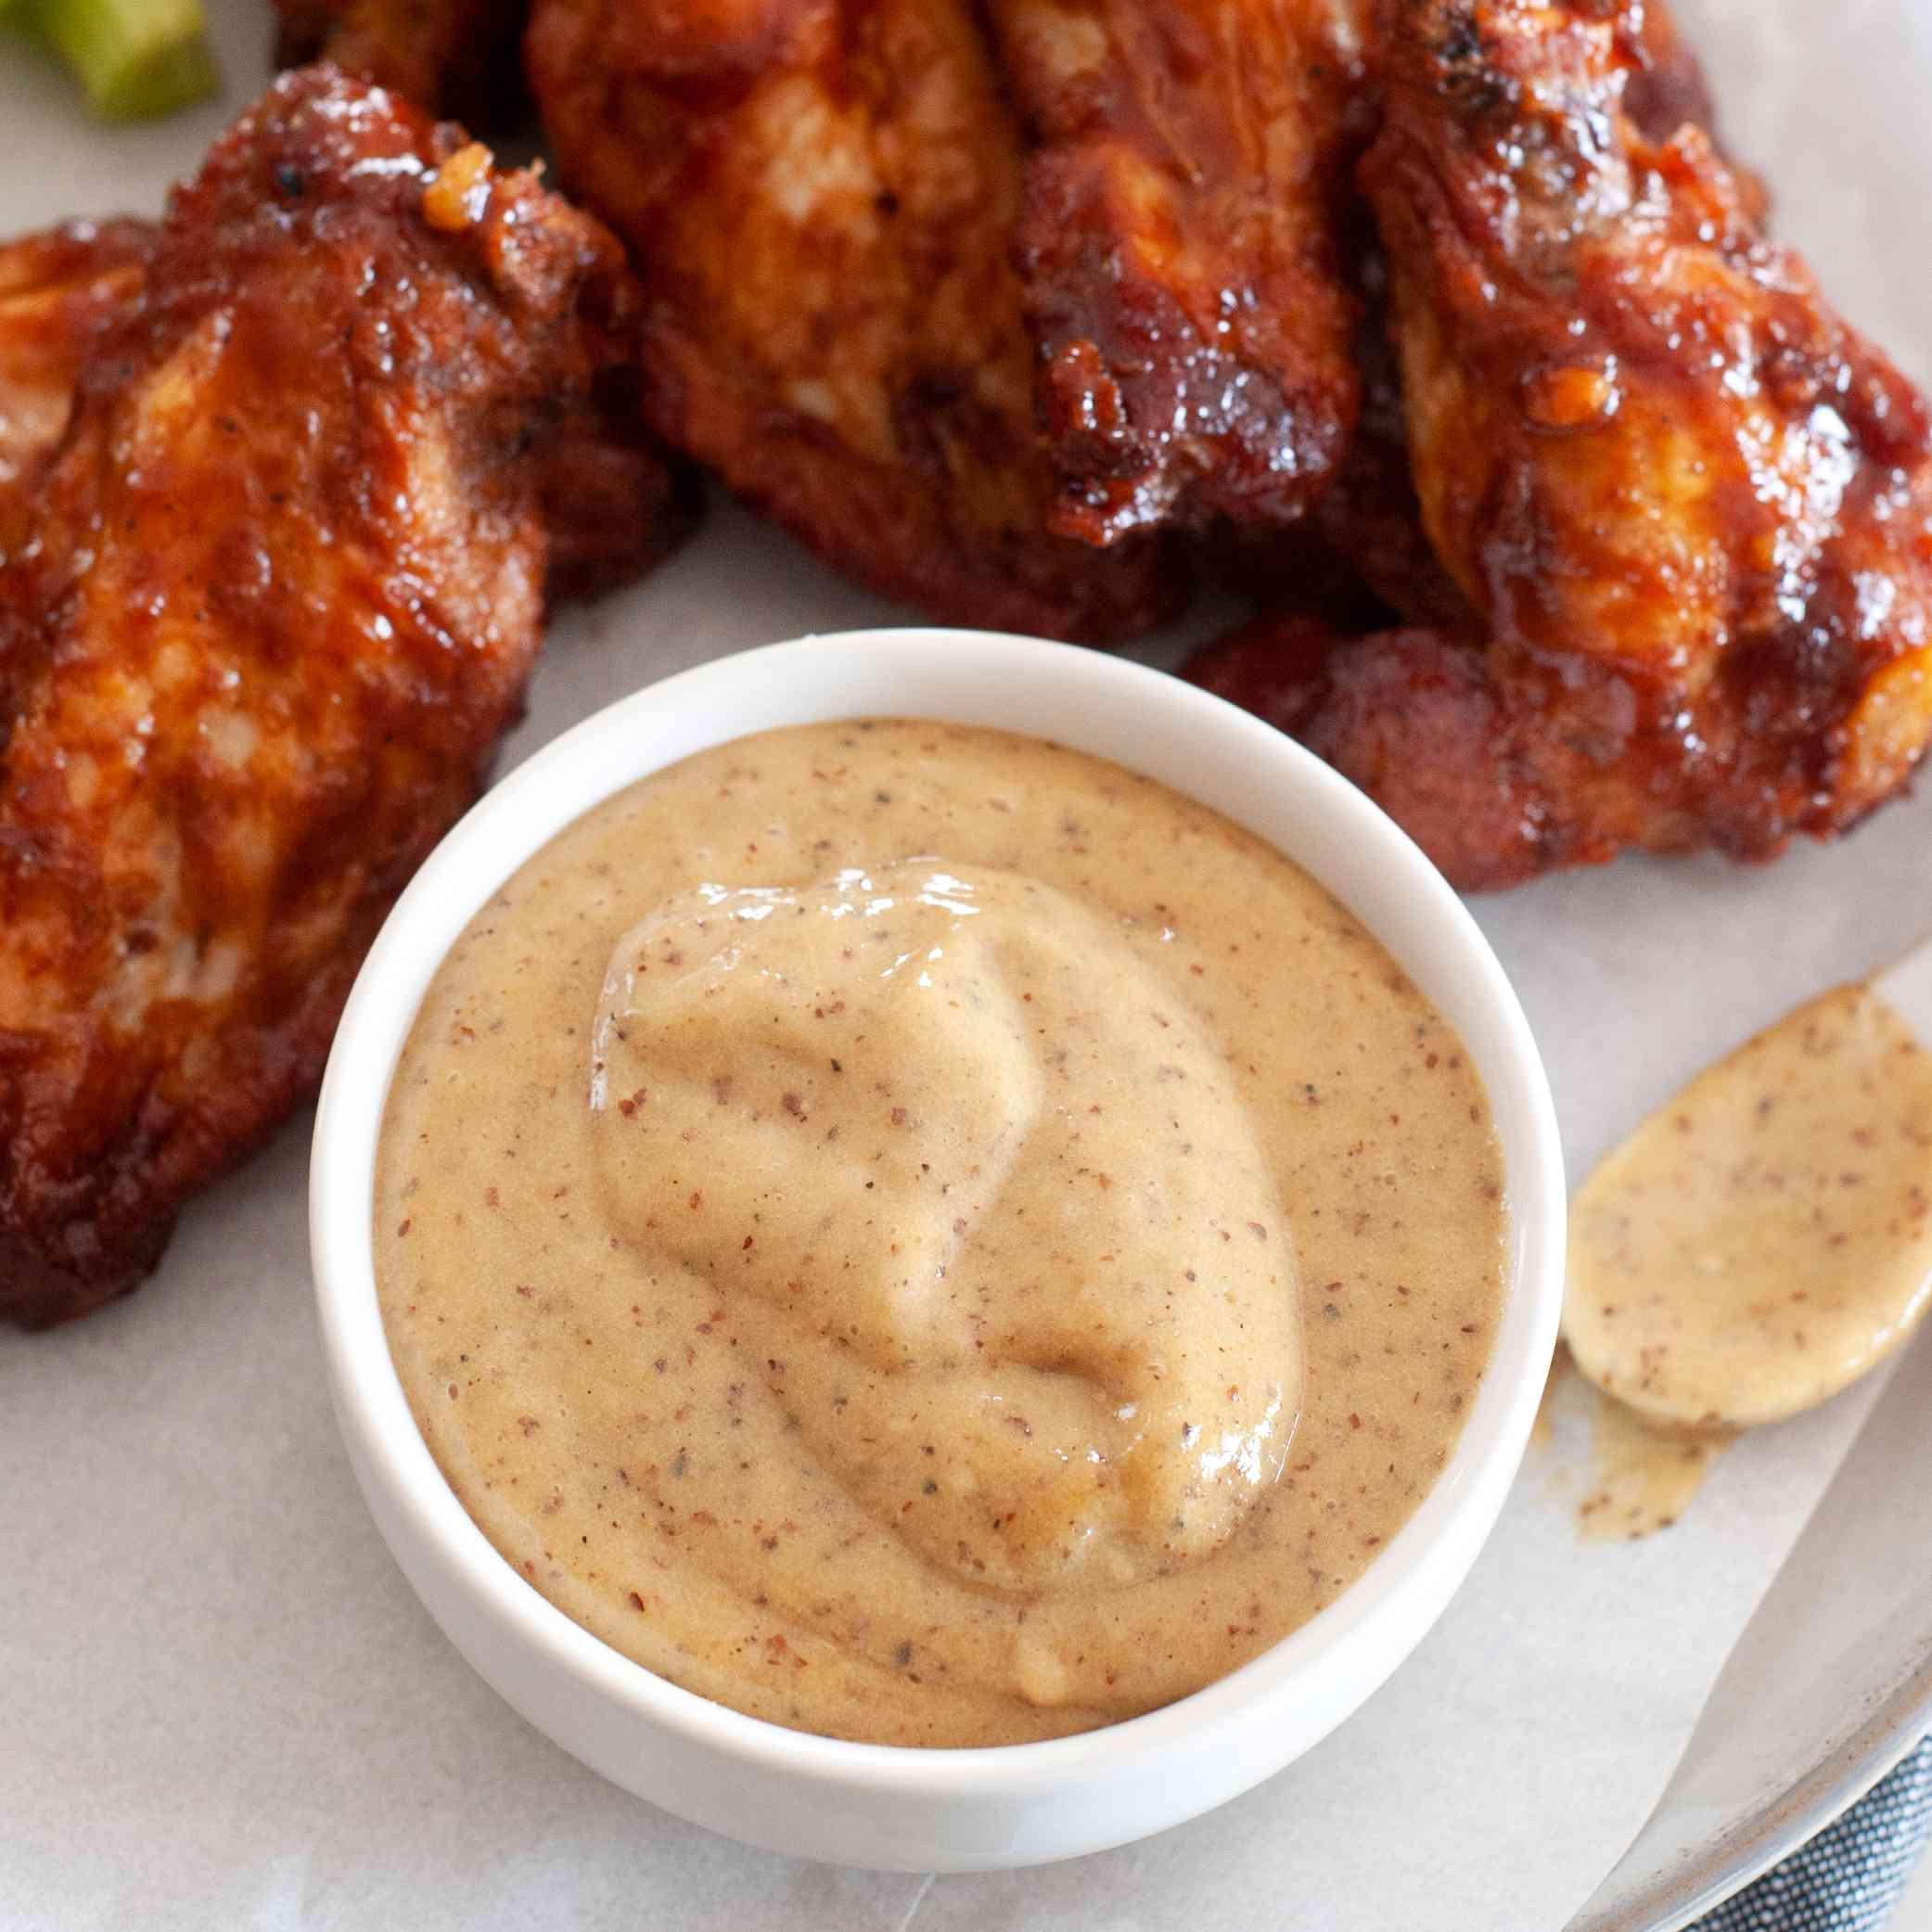 Homemade honey mustard served on a platter of chicken wings.